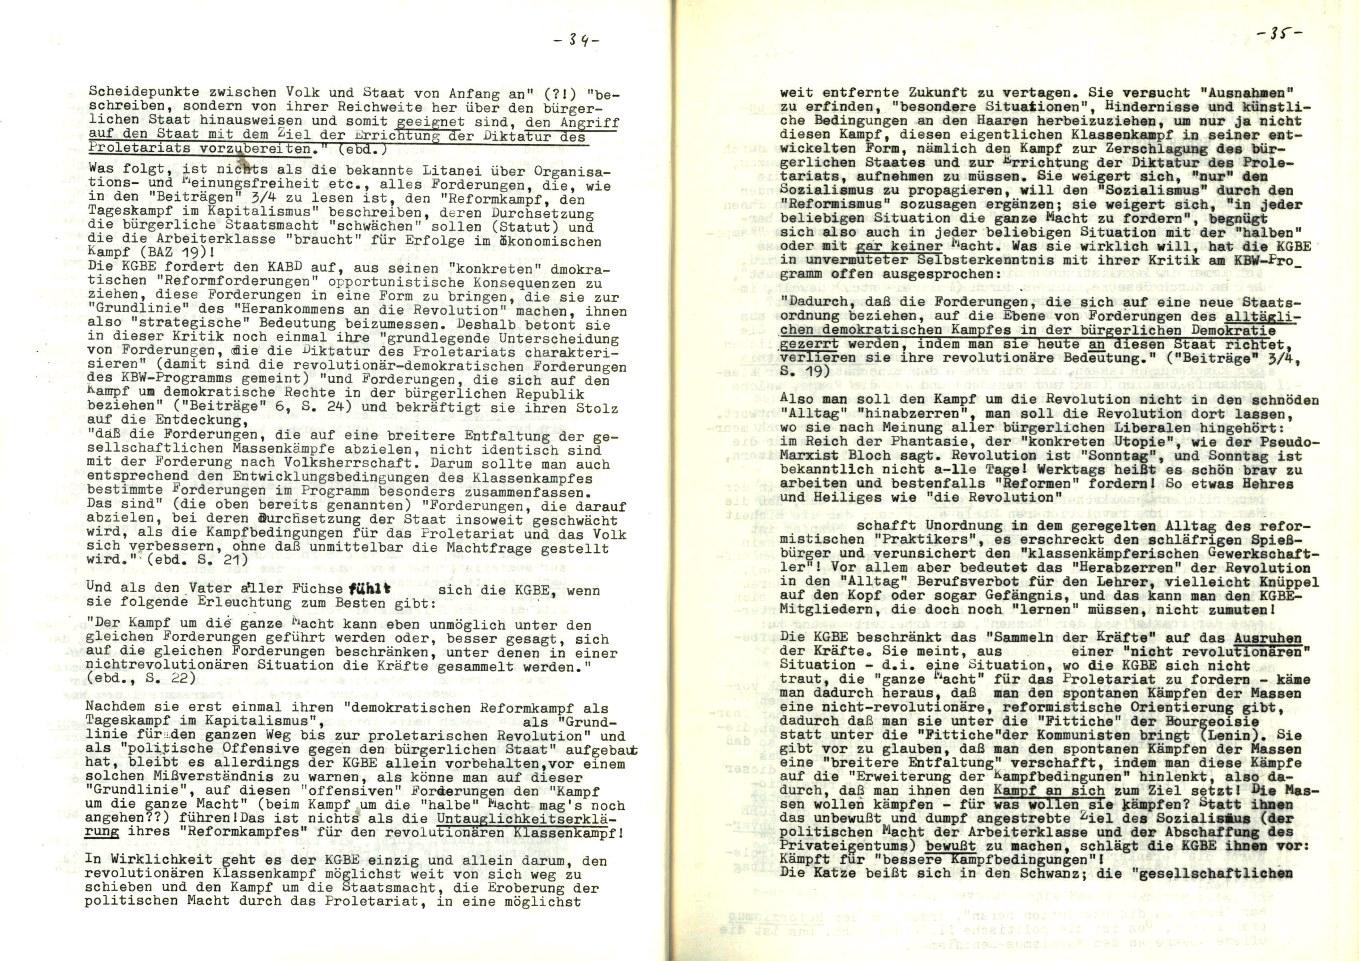 KGBE_Ehemalige_1977_Kritik_an_der_KGBE_21